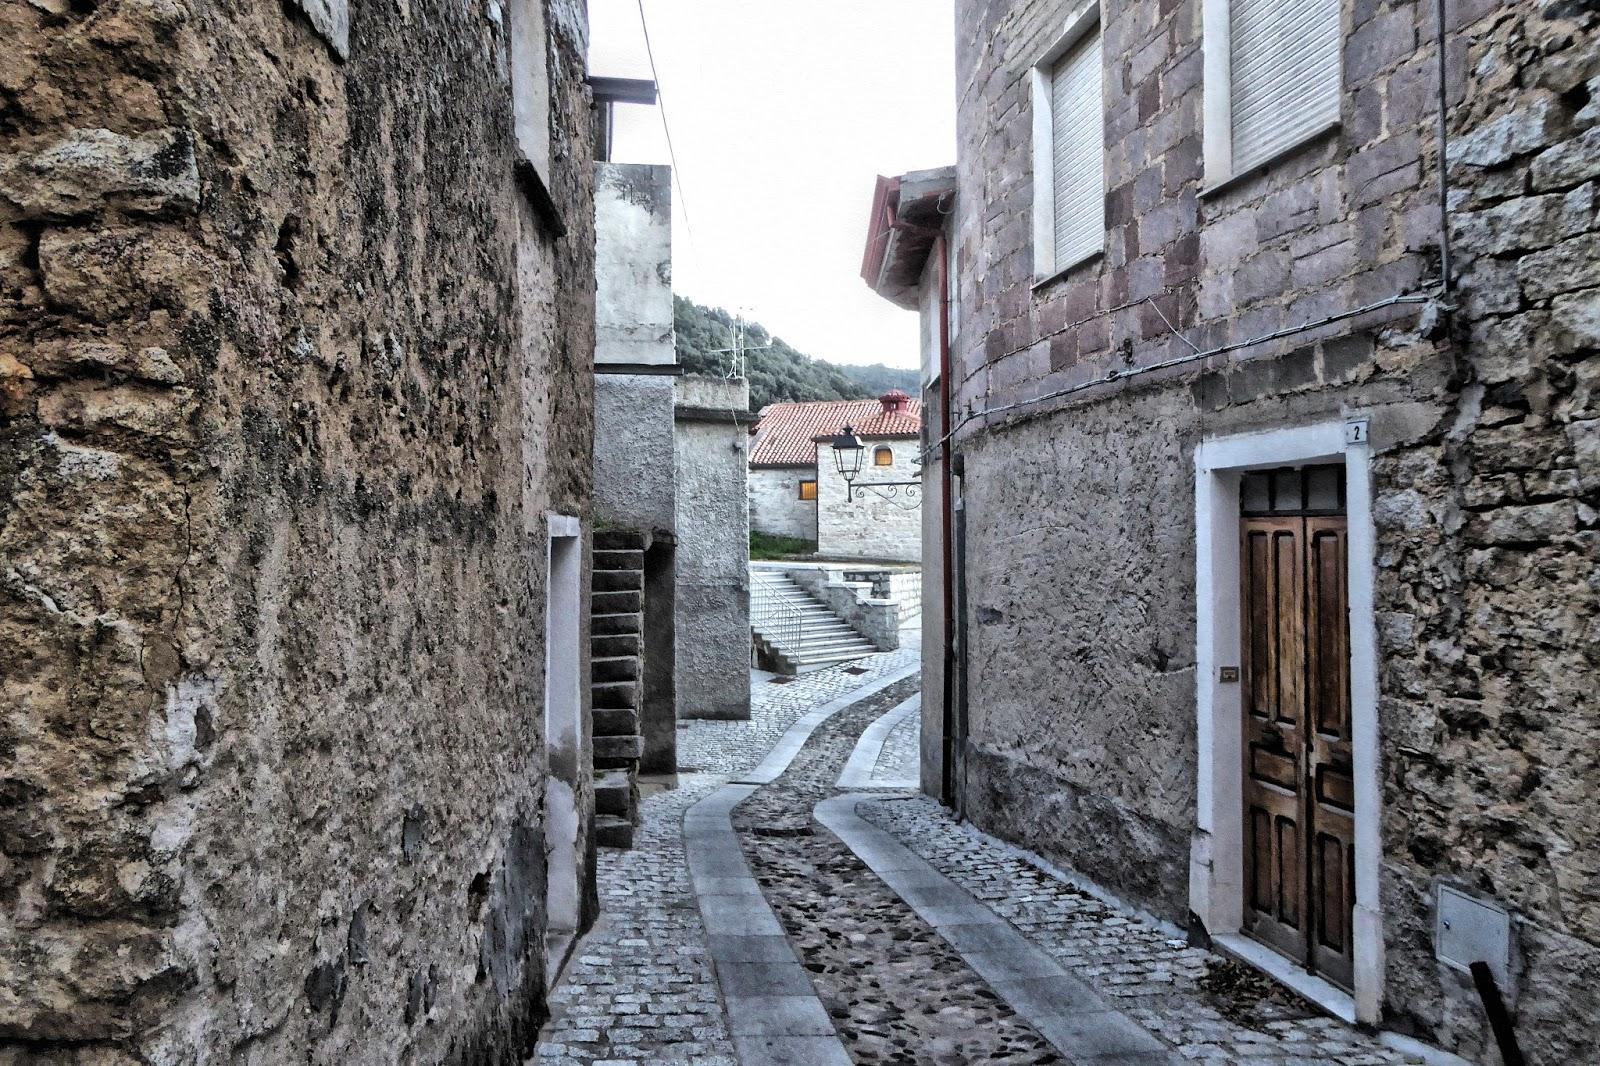 Olzai, scorcio del centro storico - Fonte www.bochesmalas.blogspot.com